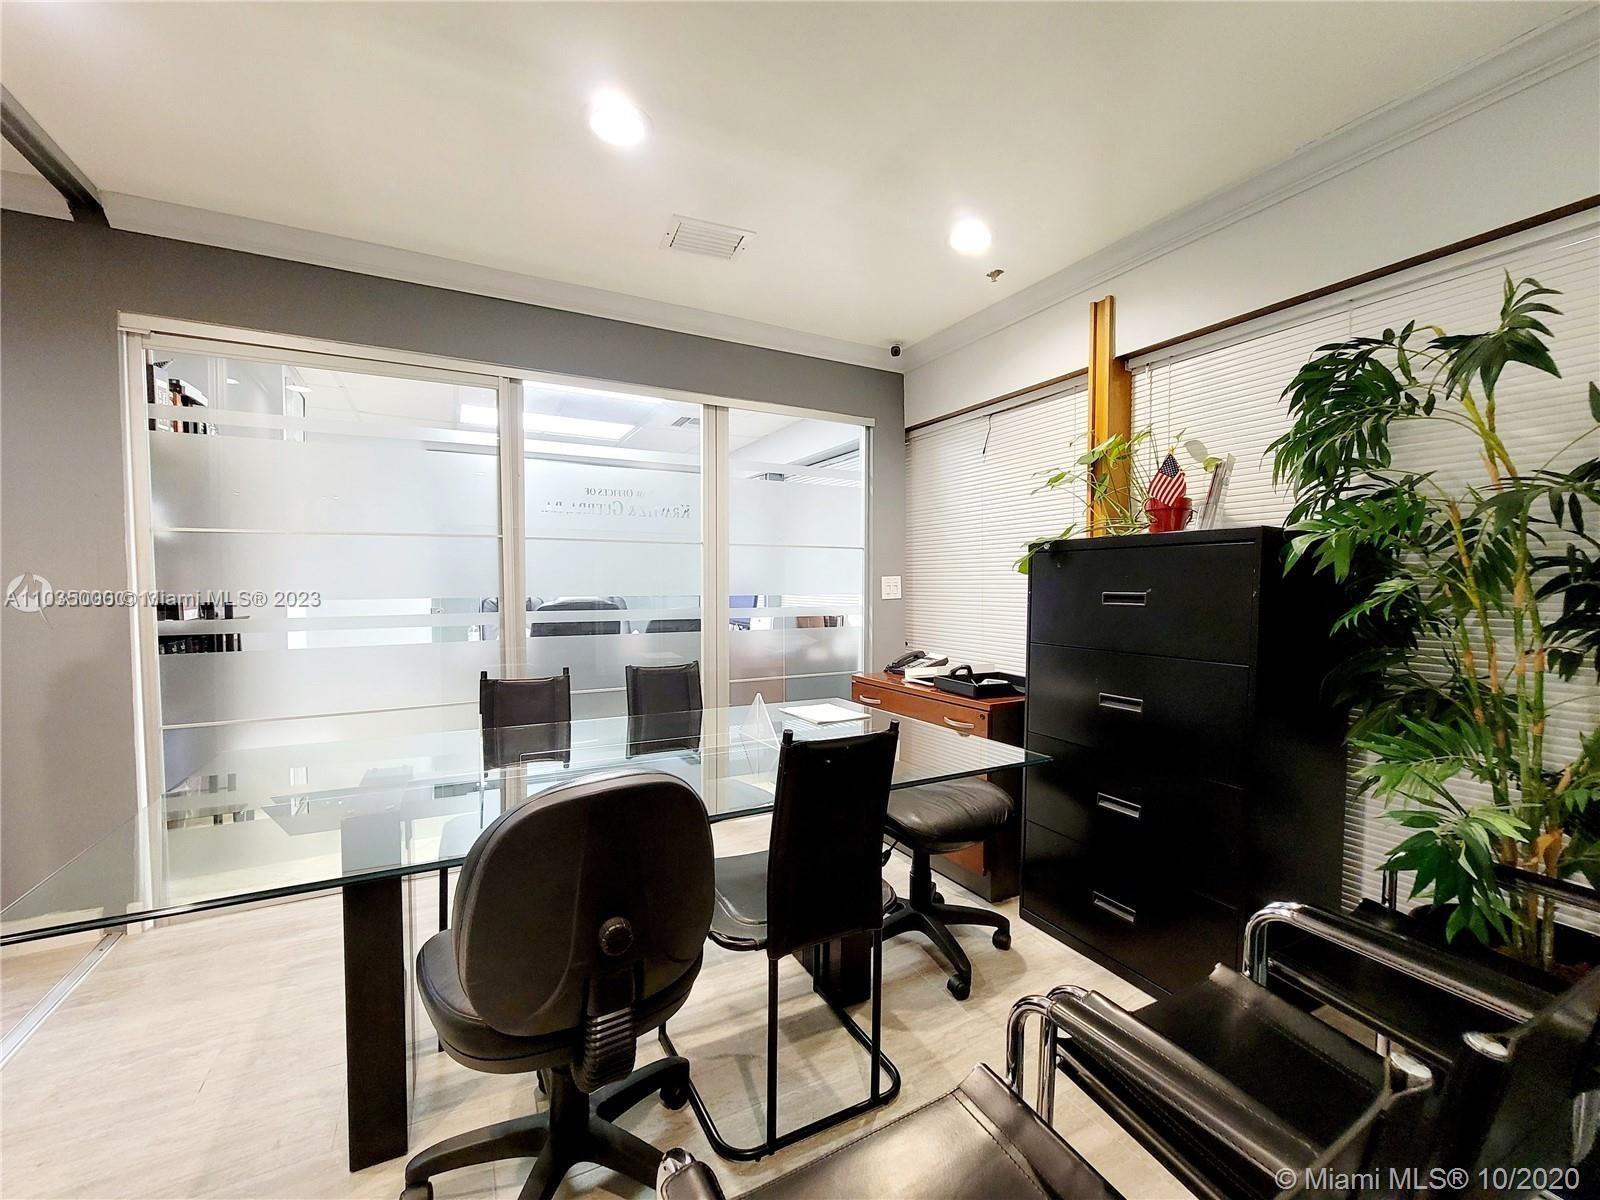 905 Brickell Bay Dr # 2cl23, Miami FL 33131 - Photo 1